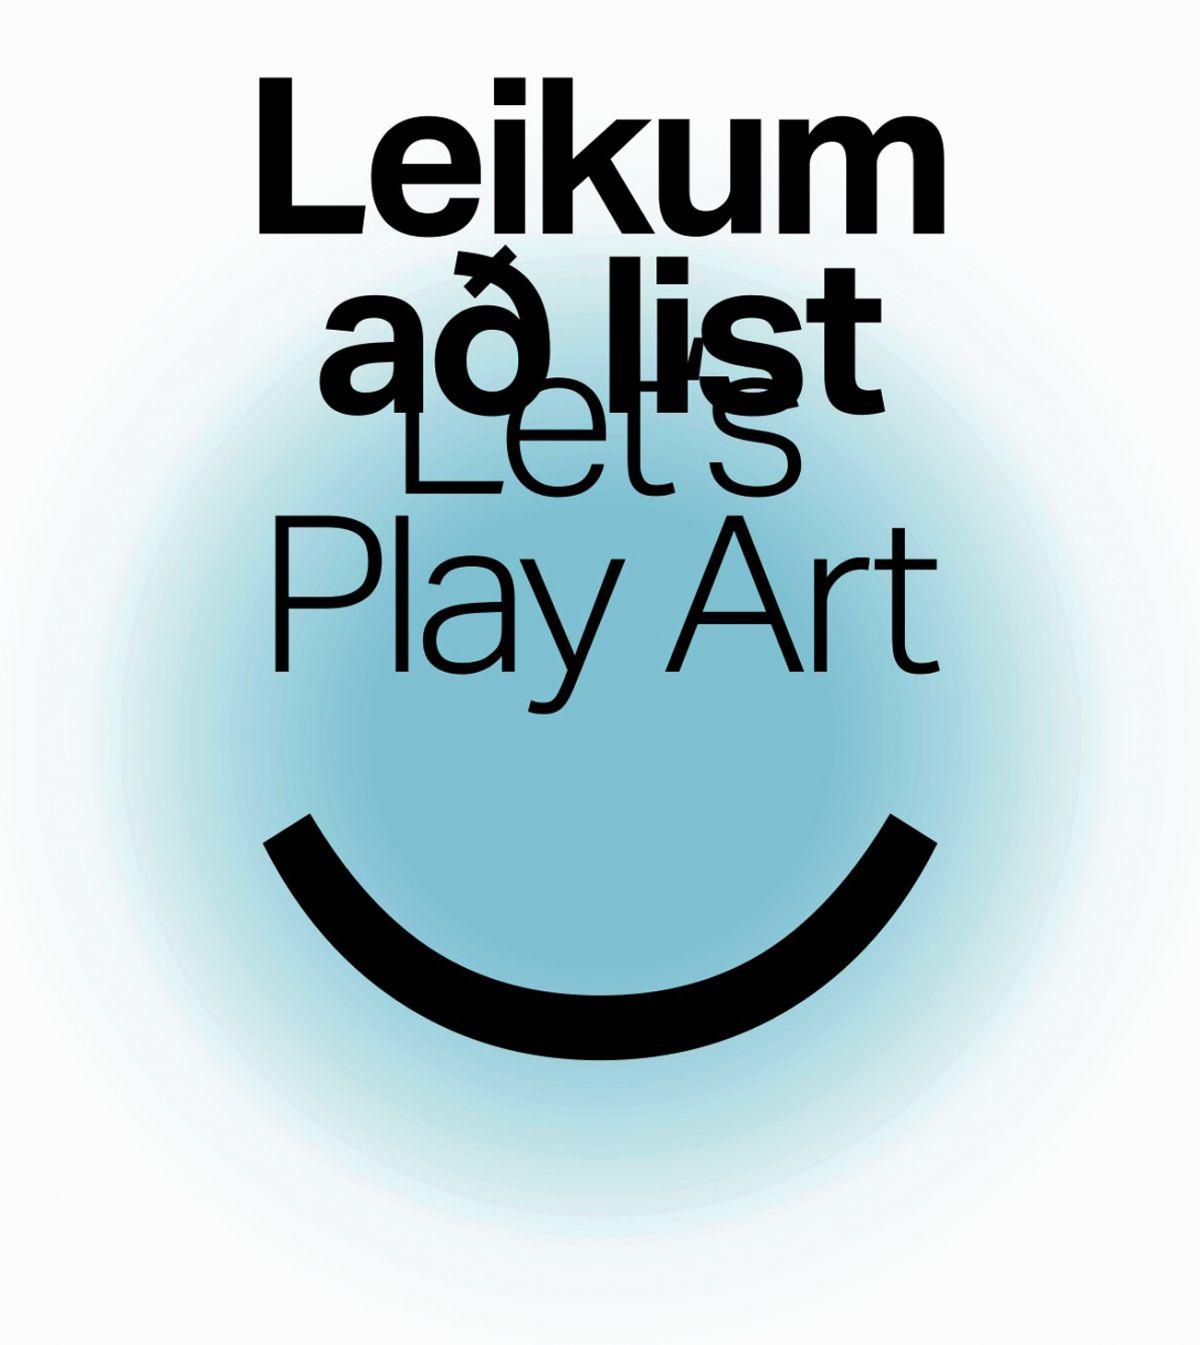 Let's Play Art: Family Program